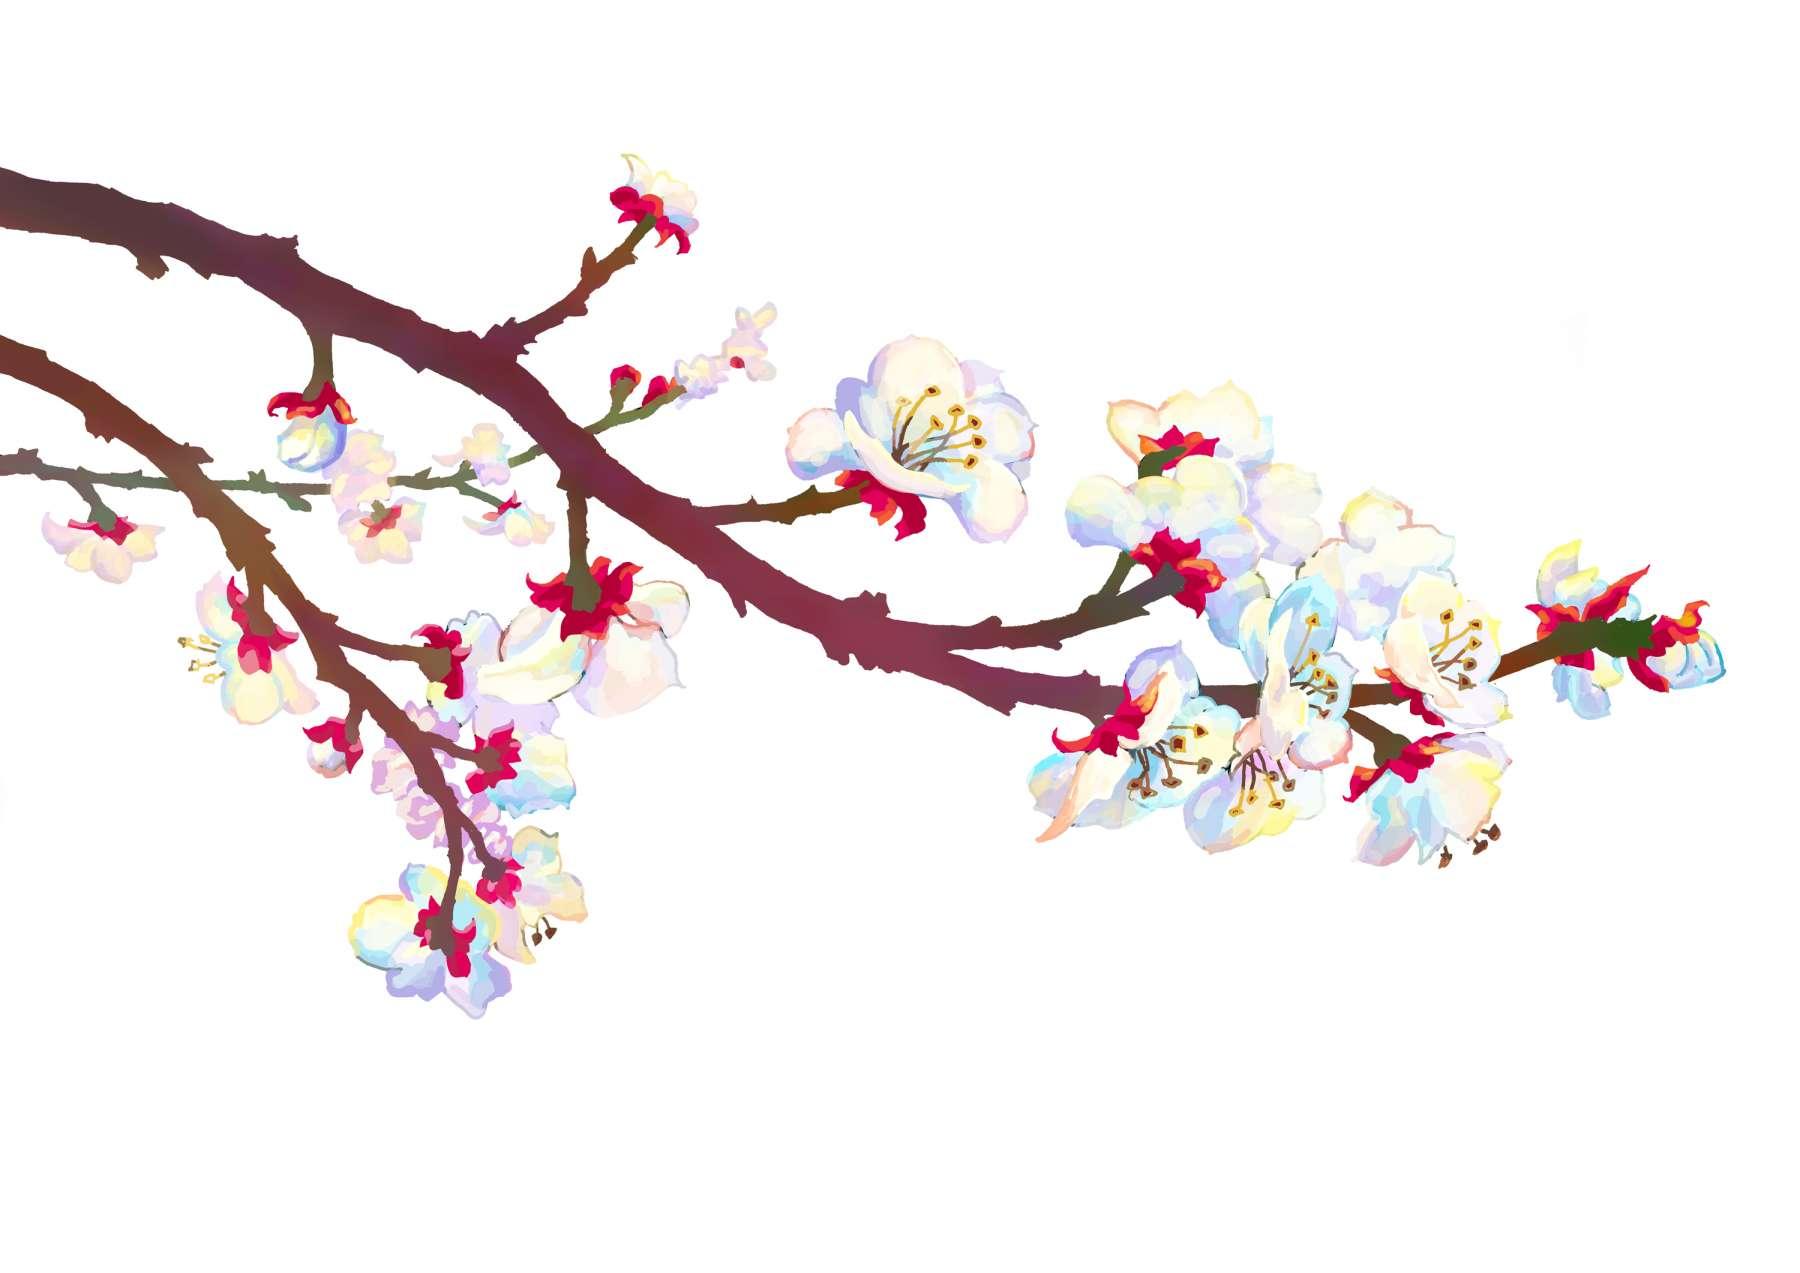 De vier jaargetijden - lente.<br>Ontwerp voor een aardewerken schotel.